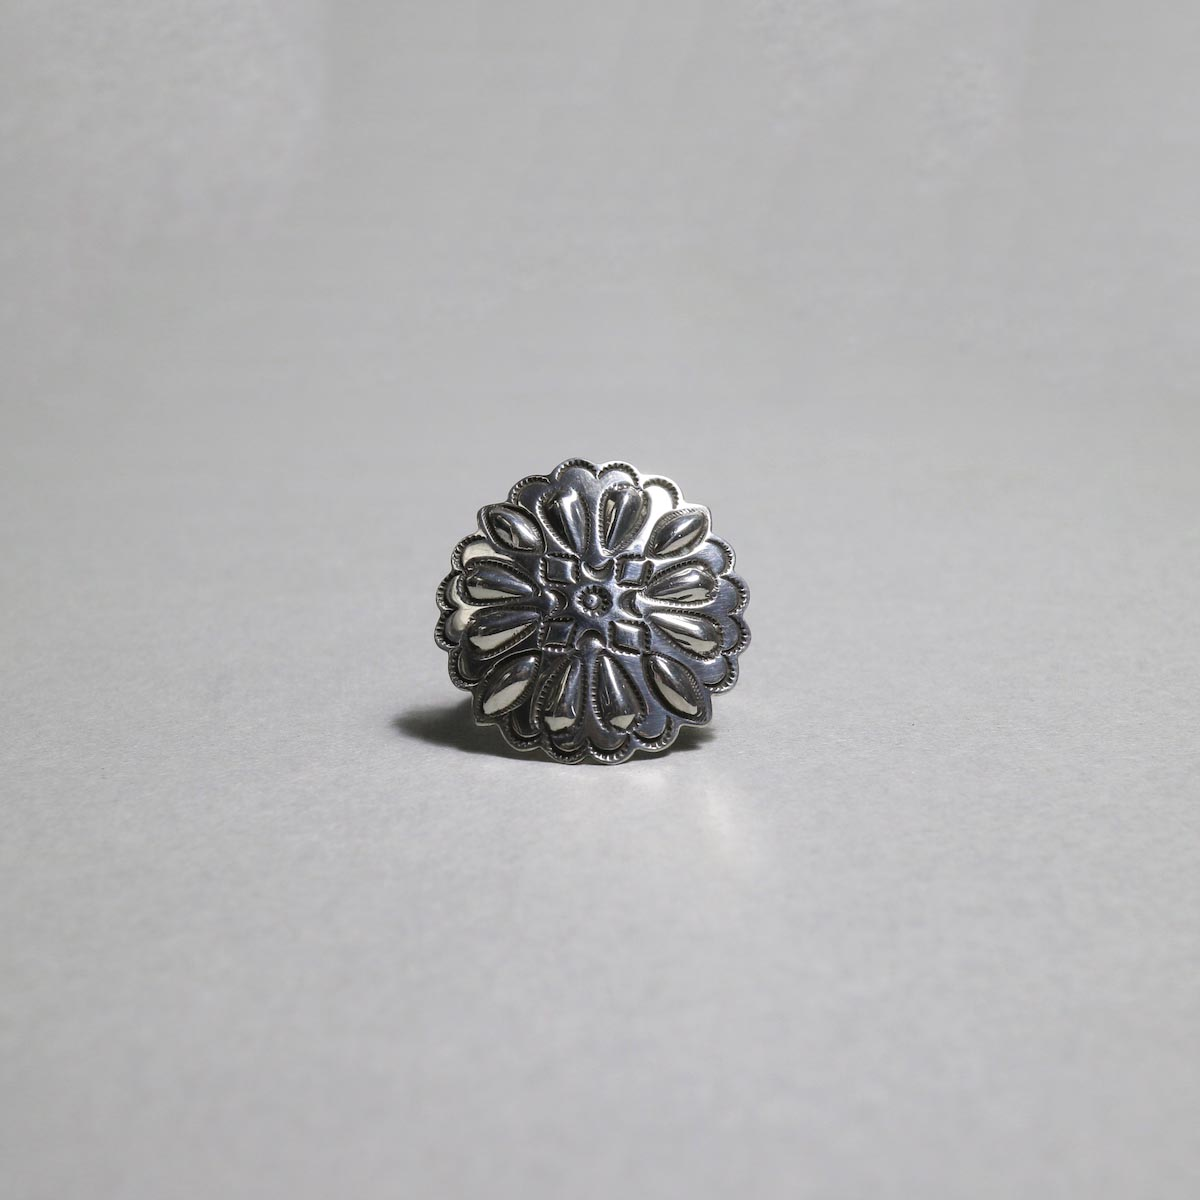 RAY ADAKAI / Concho Ring (A)